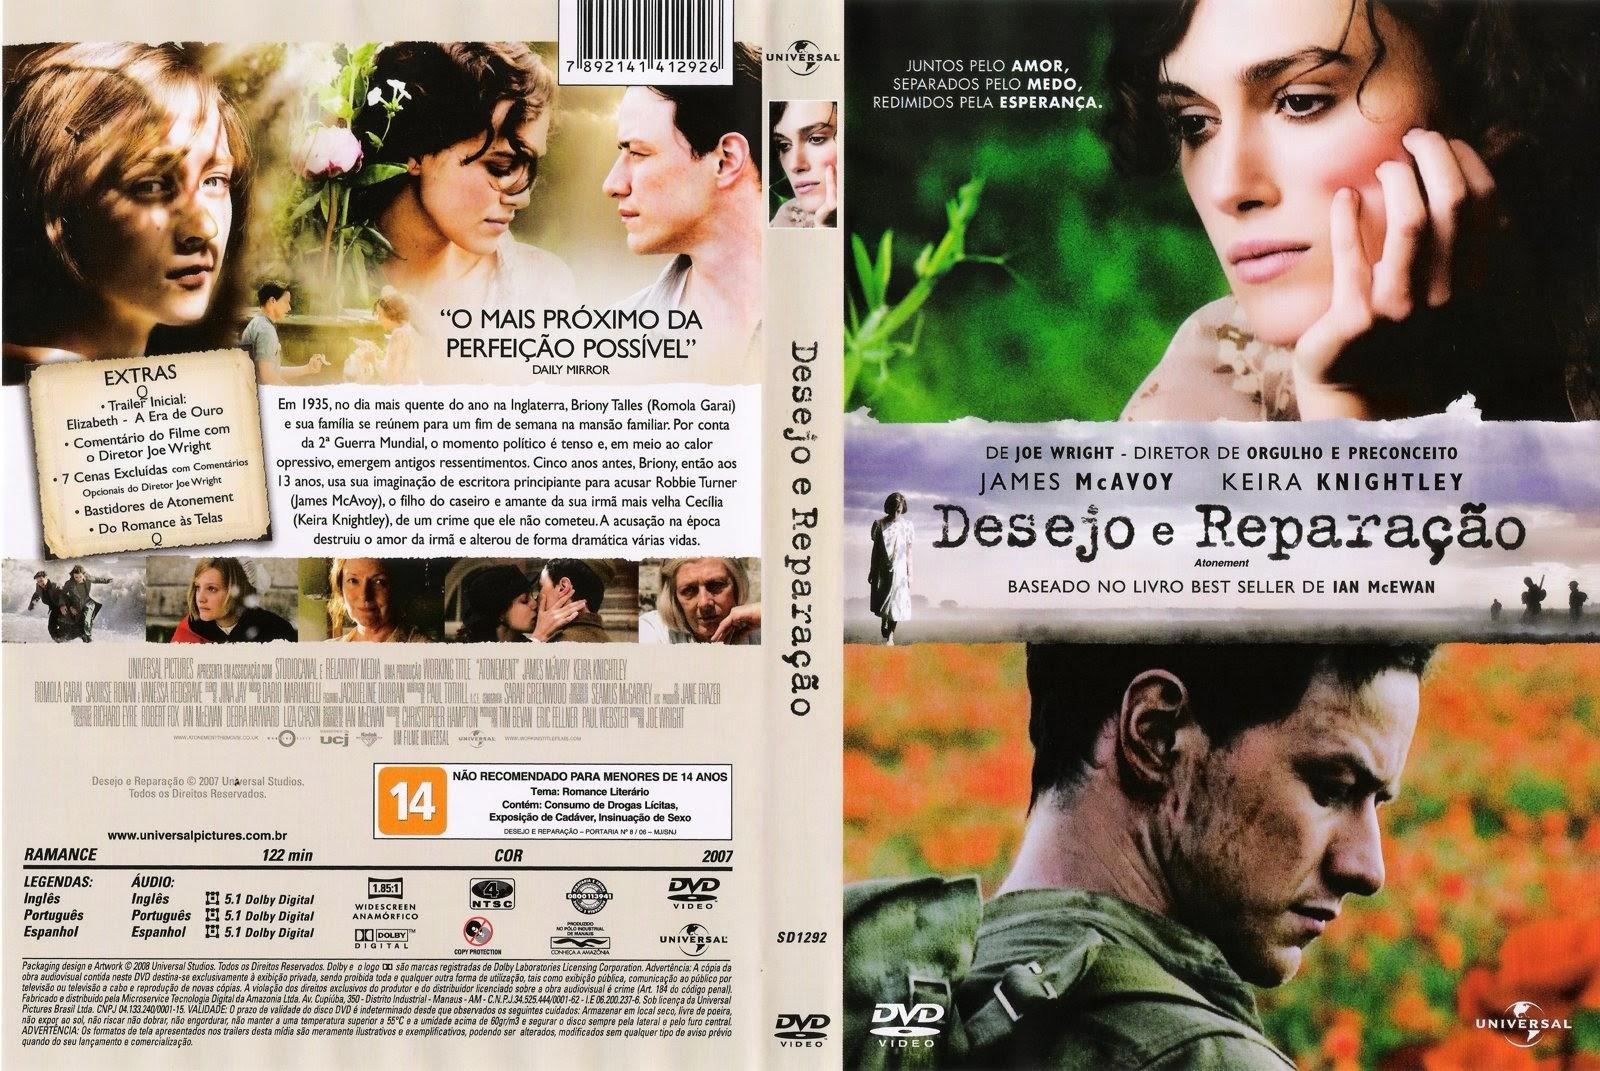 1071º - DESEJO E REPARAÇÃO (2007)